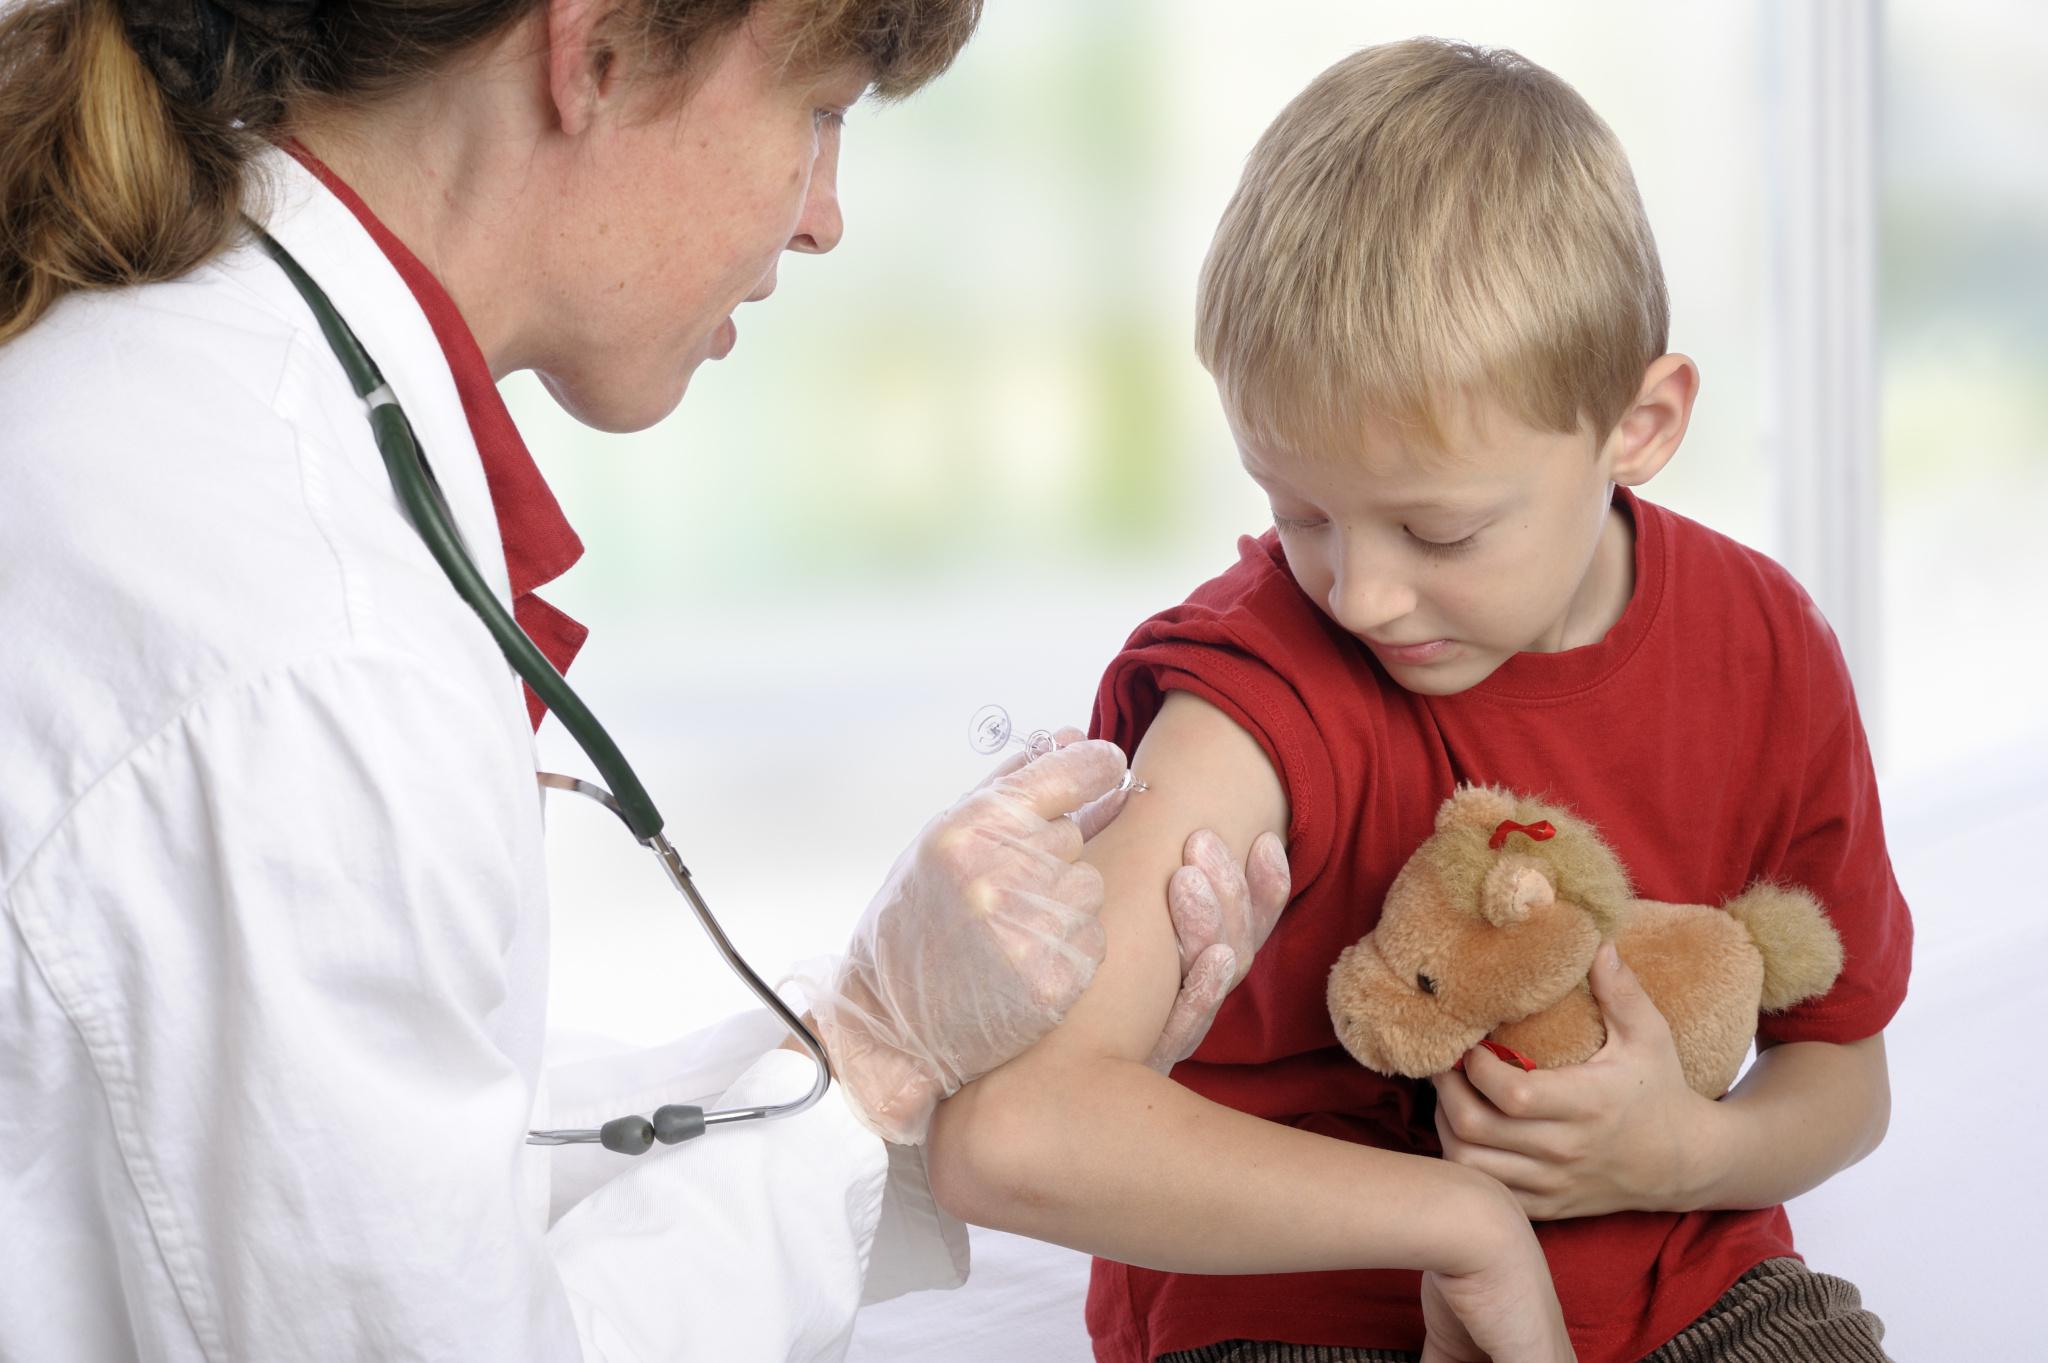 病例讨论:患儿反复咳嗽  病因竟是疫苗?